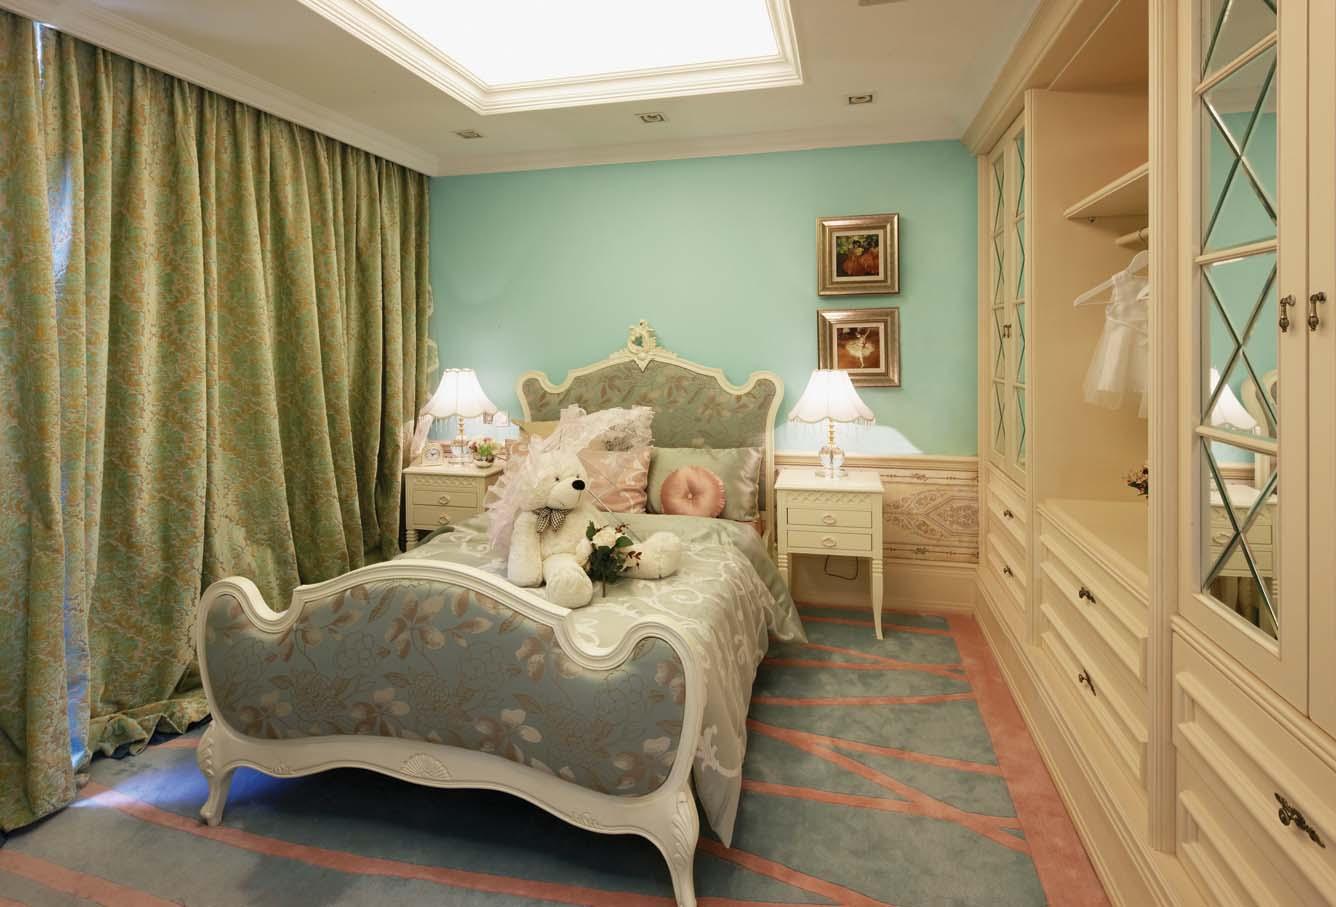 欧式风格 北京装修 装修风格 室内设计 装修设计 卧室图片来自别墅装修设计yan在欧式风格鸿坤·林语墅的分享